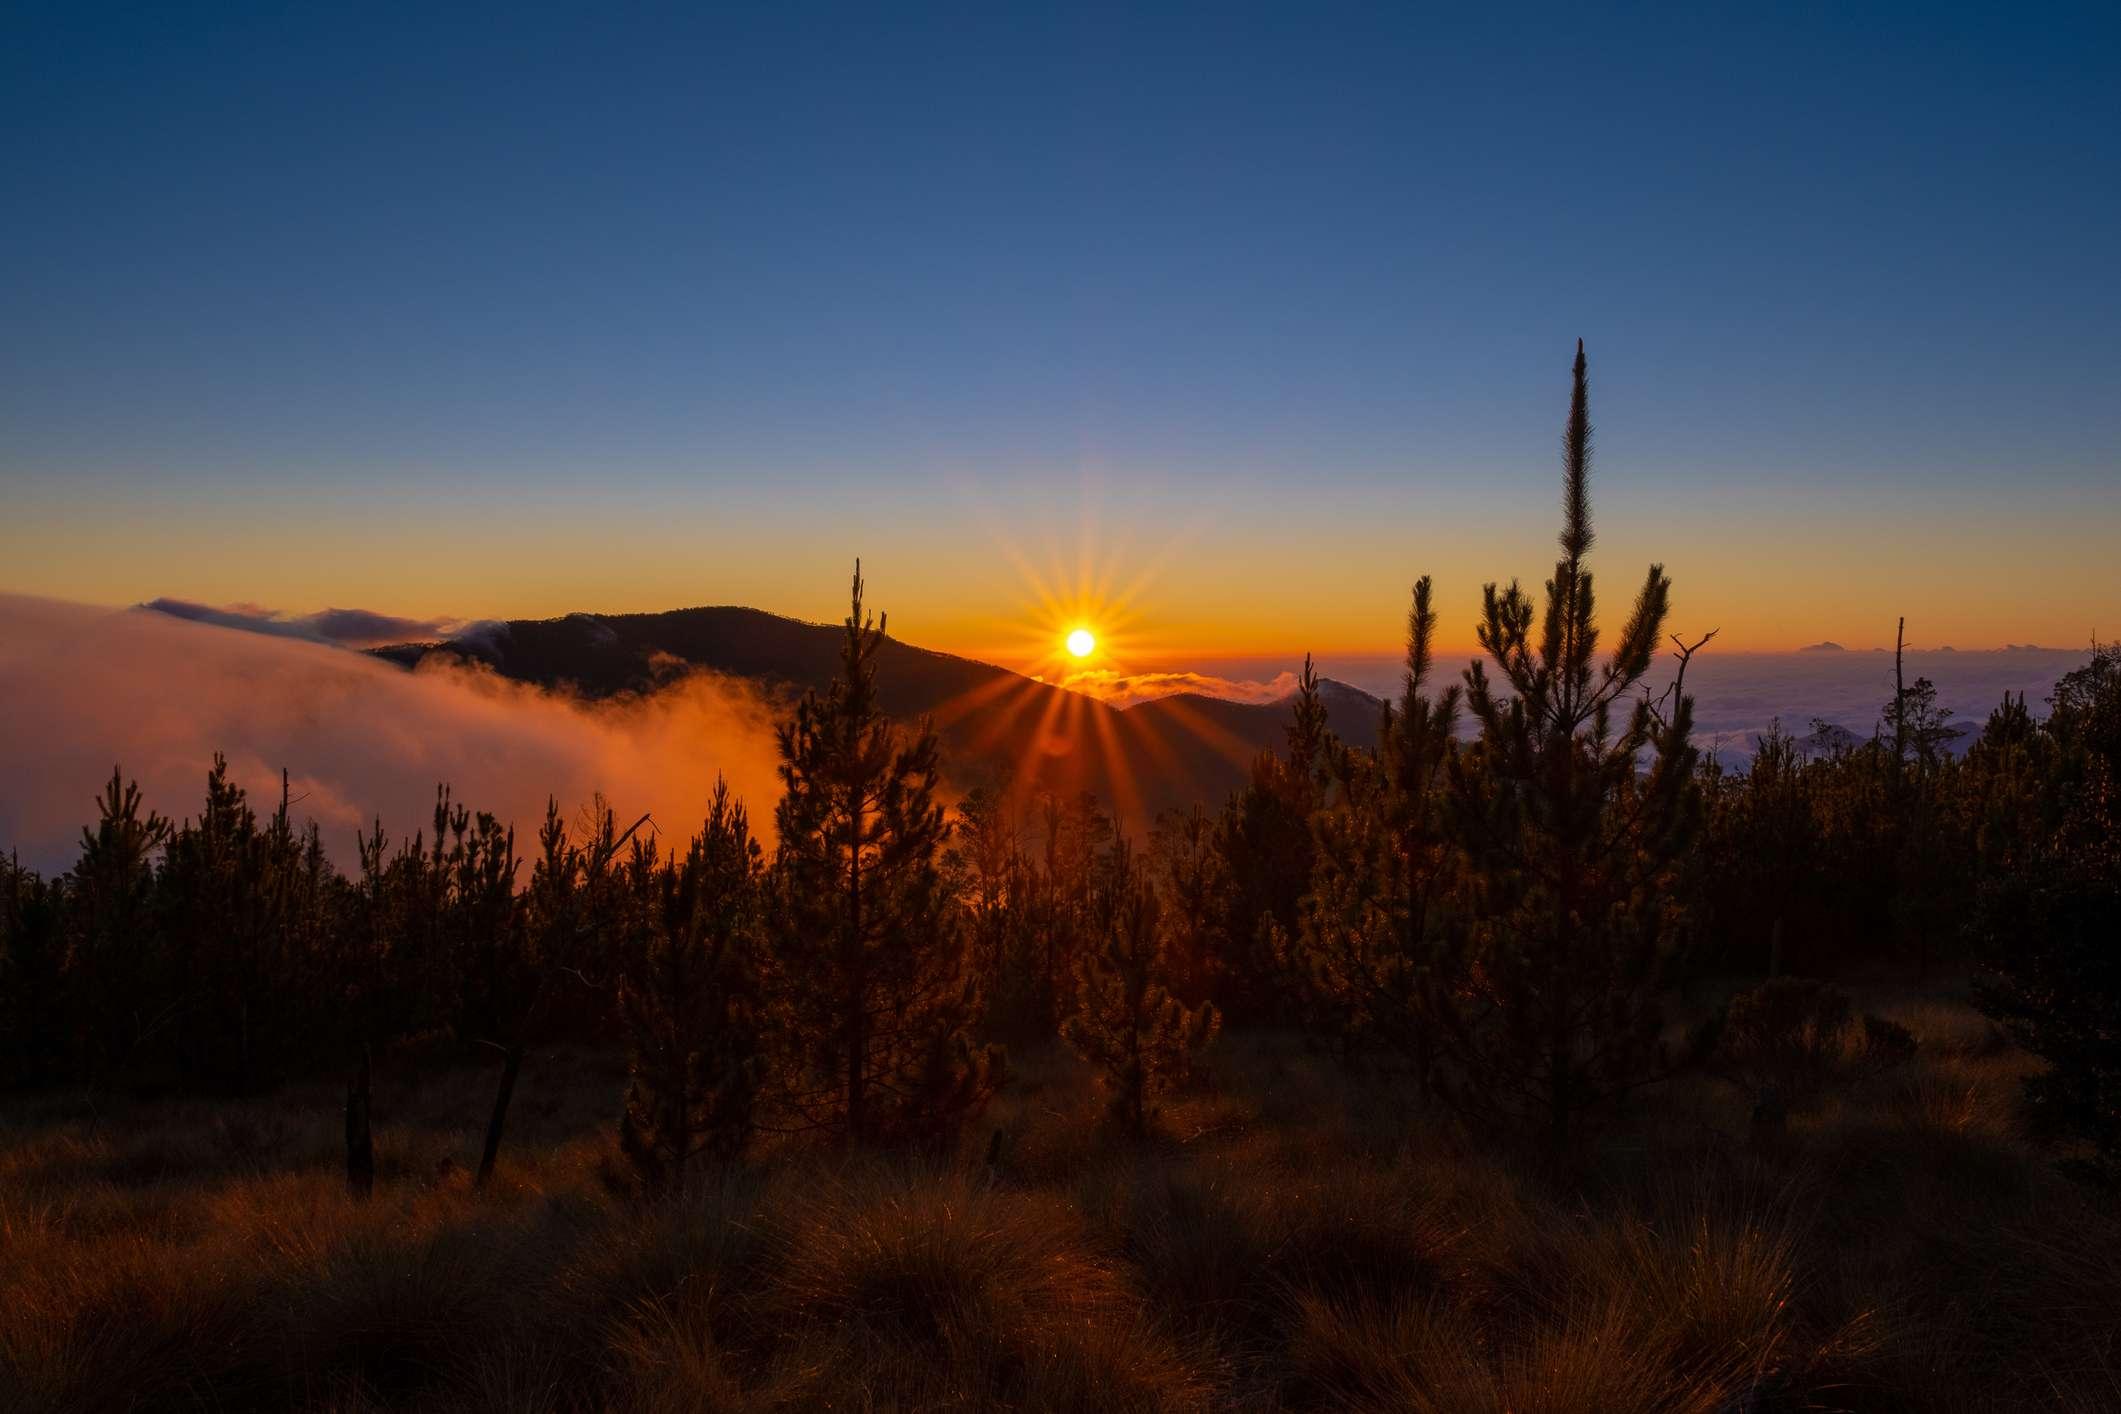 Sunrise at Valle de Lilis